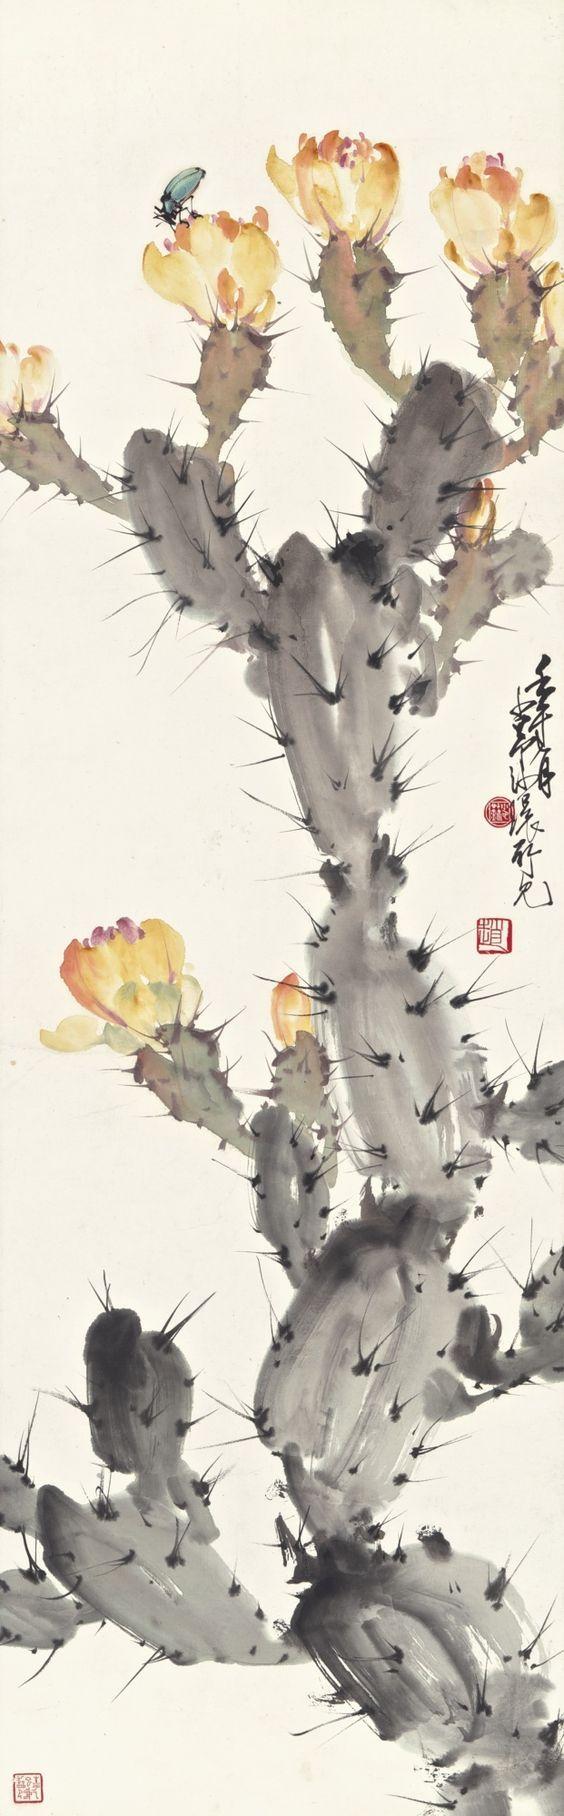 Zhao Shao'ang